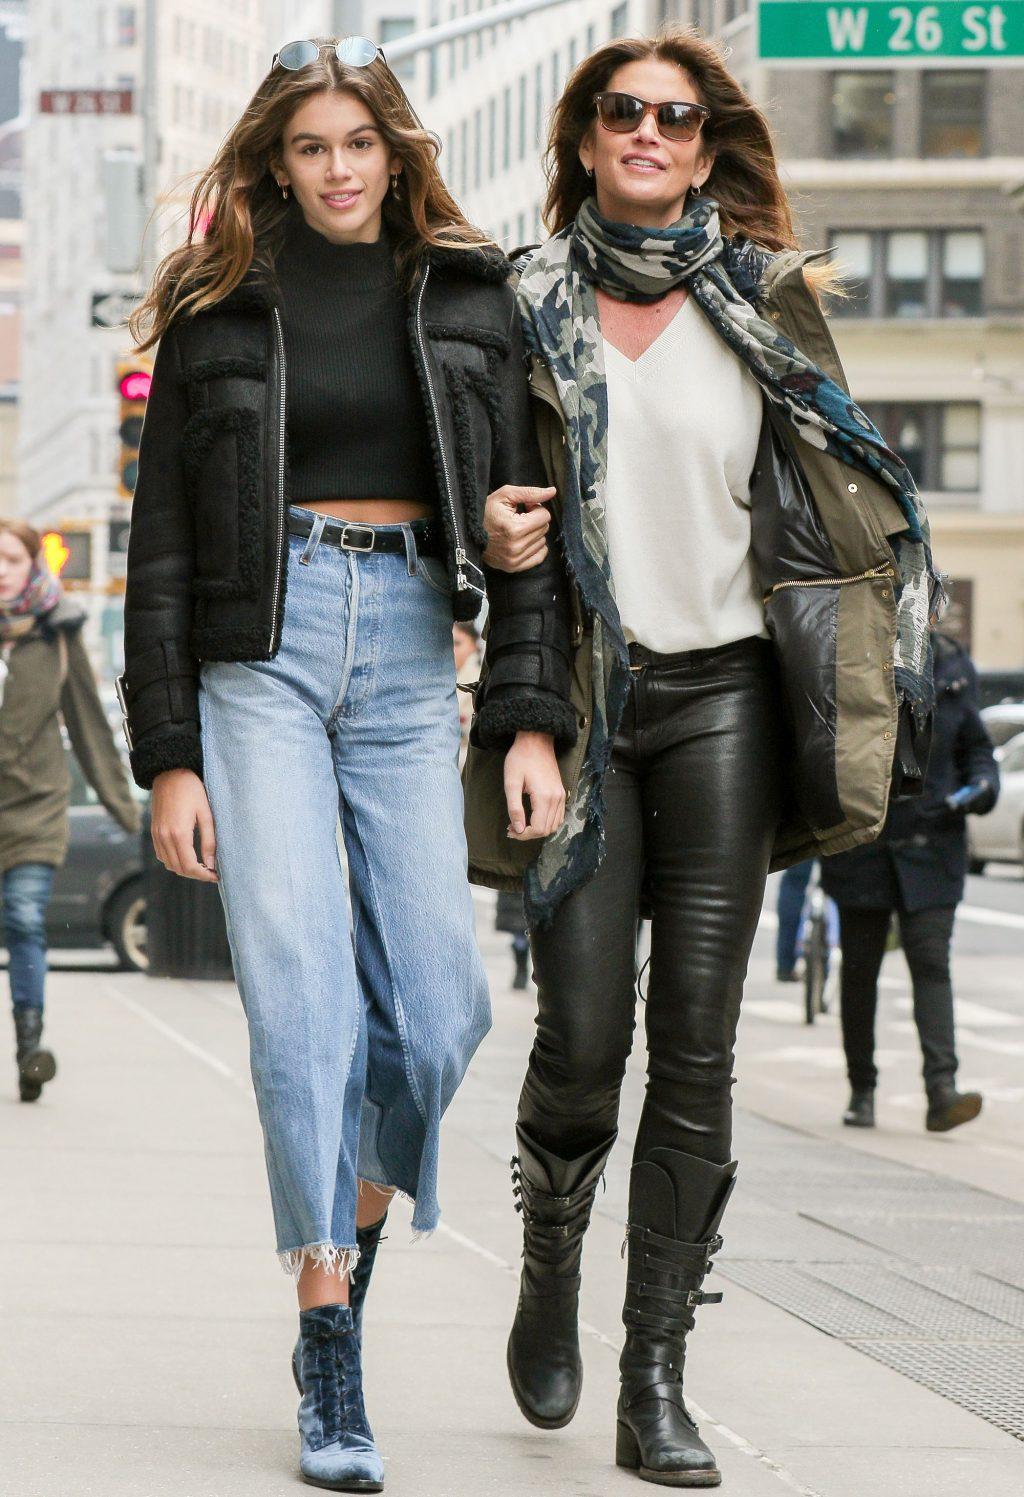 phong cách thời trang đường phố Cindy Crawford và Kaia Gerber